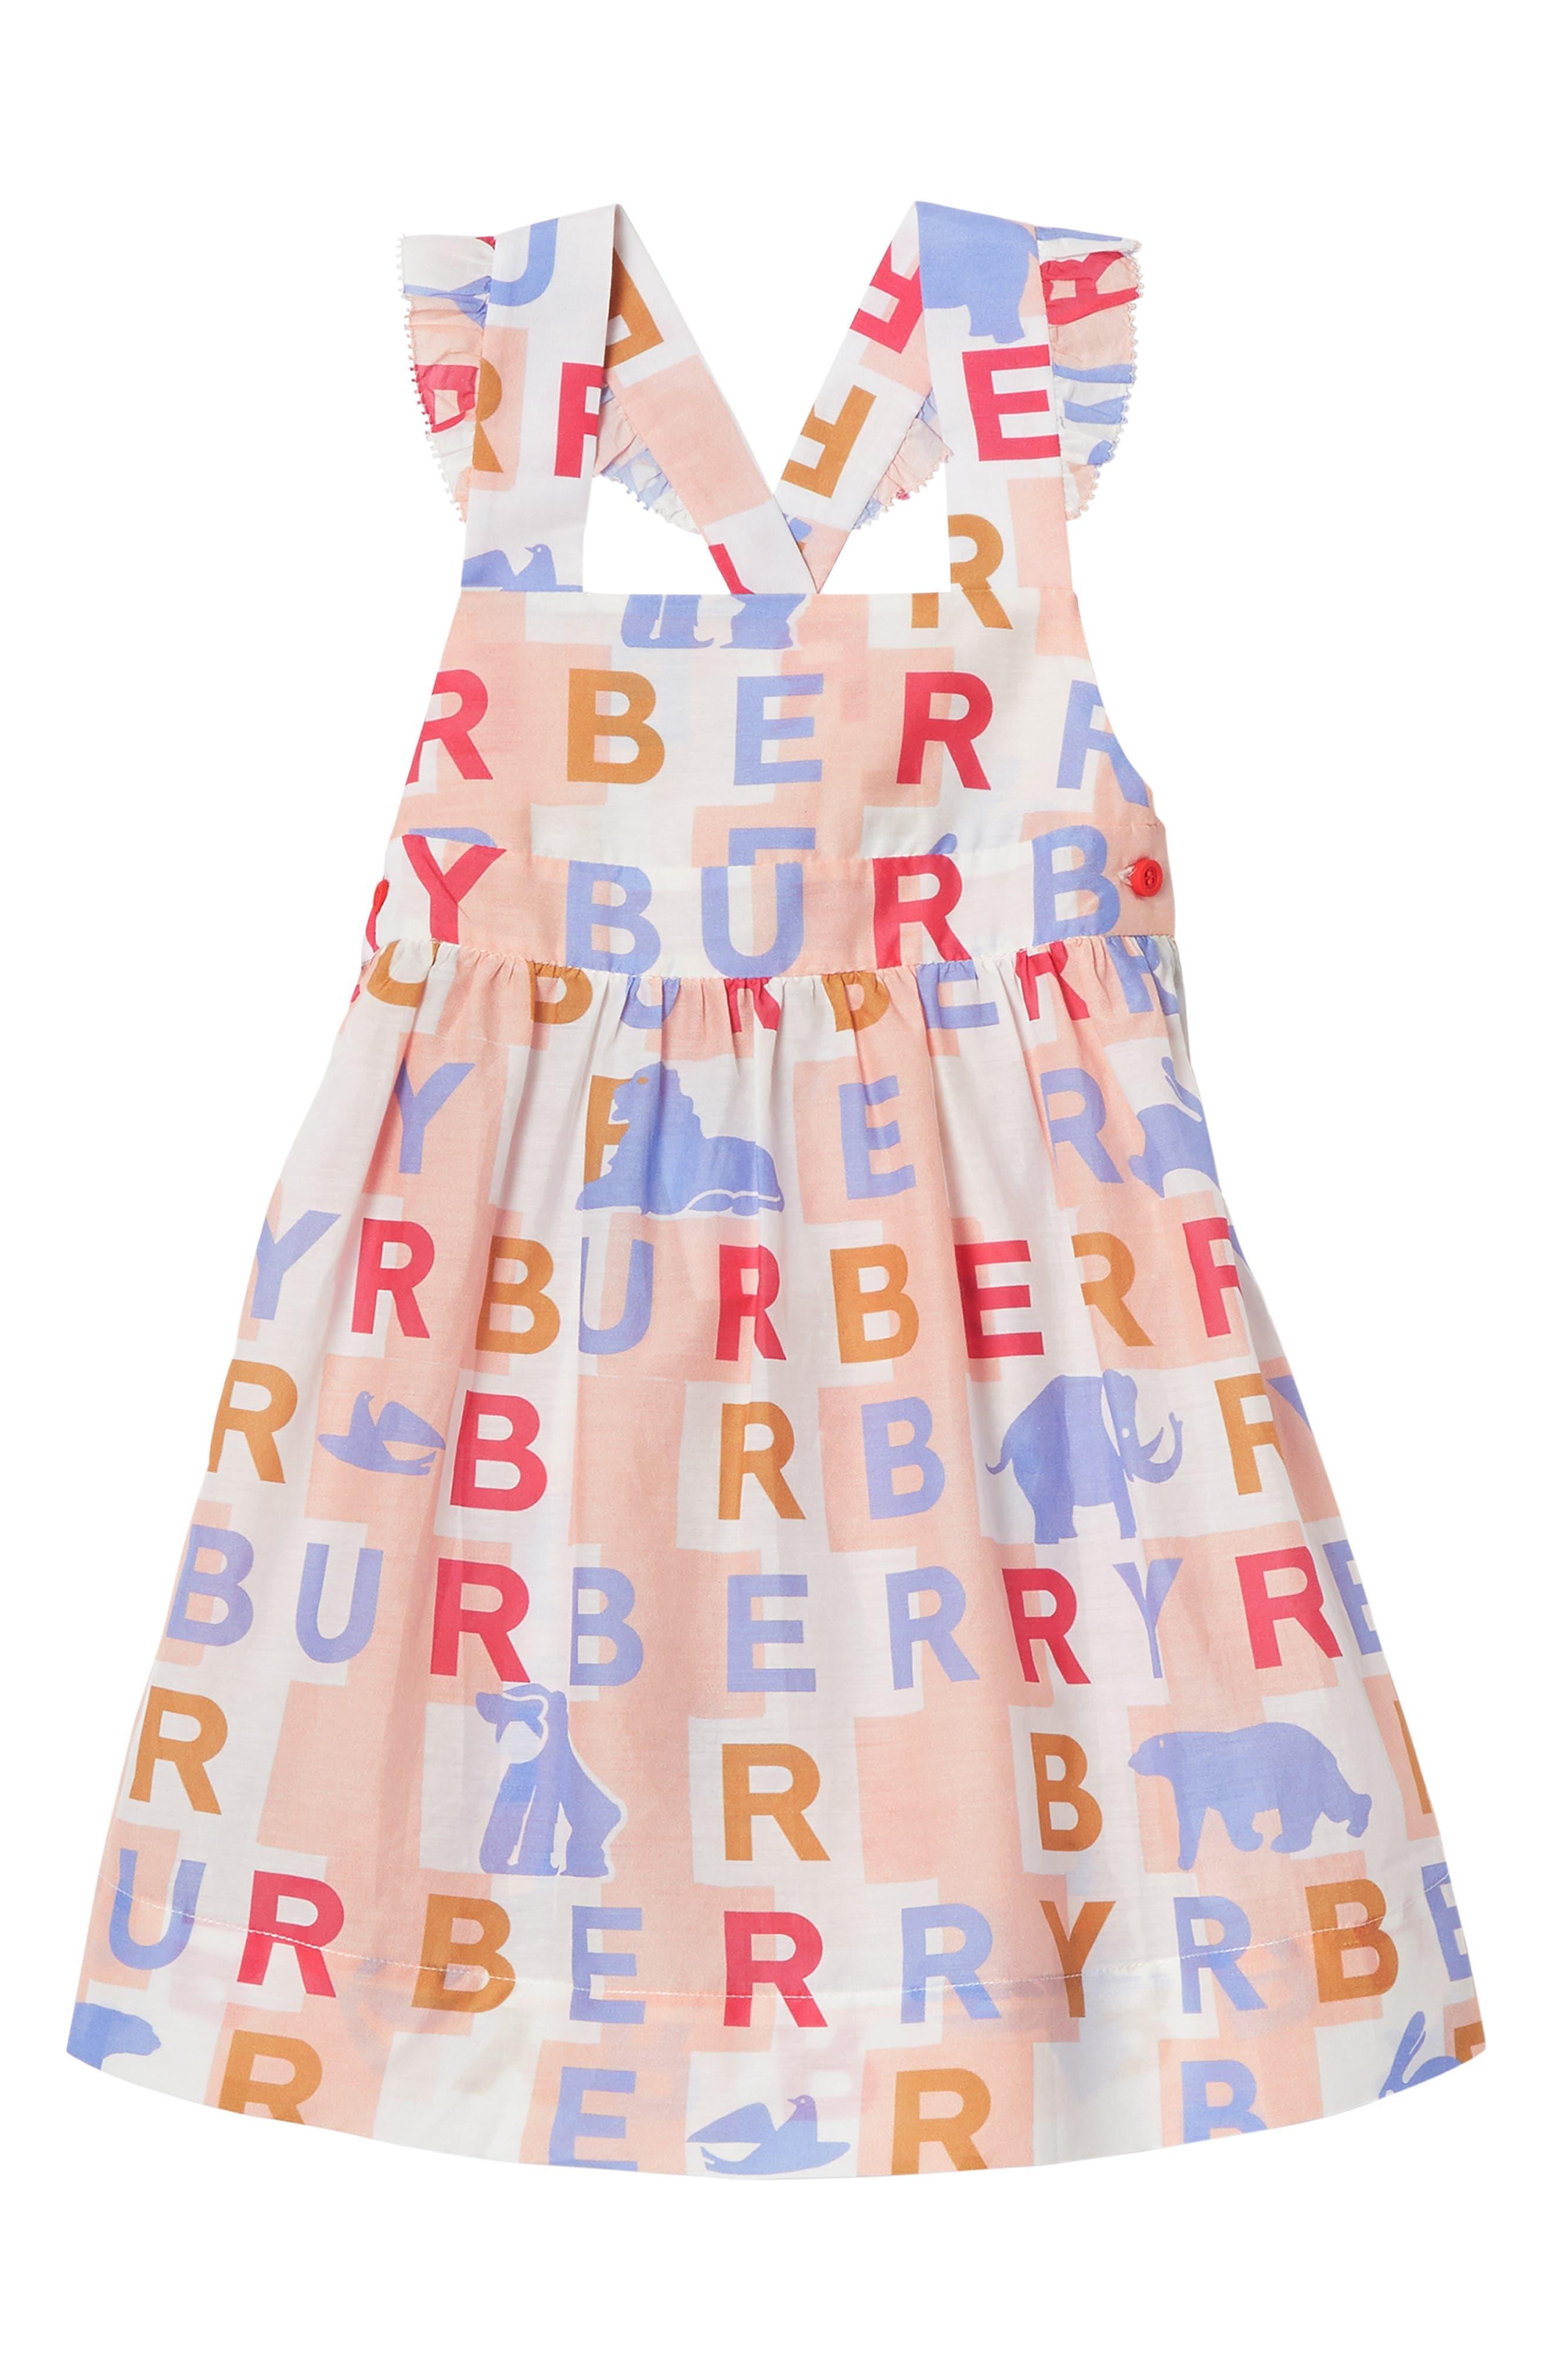 BURBERRY, Burbery Mini Livia Cotton & Silk Pinafore Dress, Main thumbnail 1, color, PALE ROSE